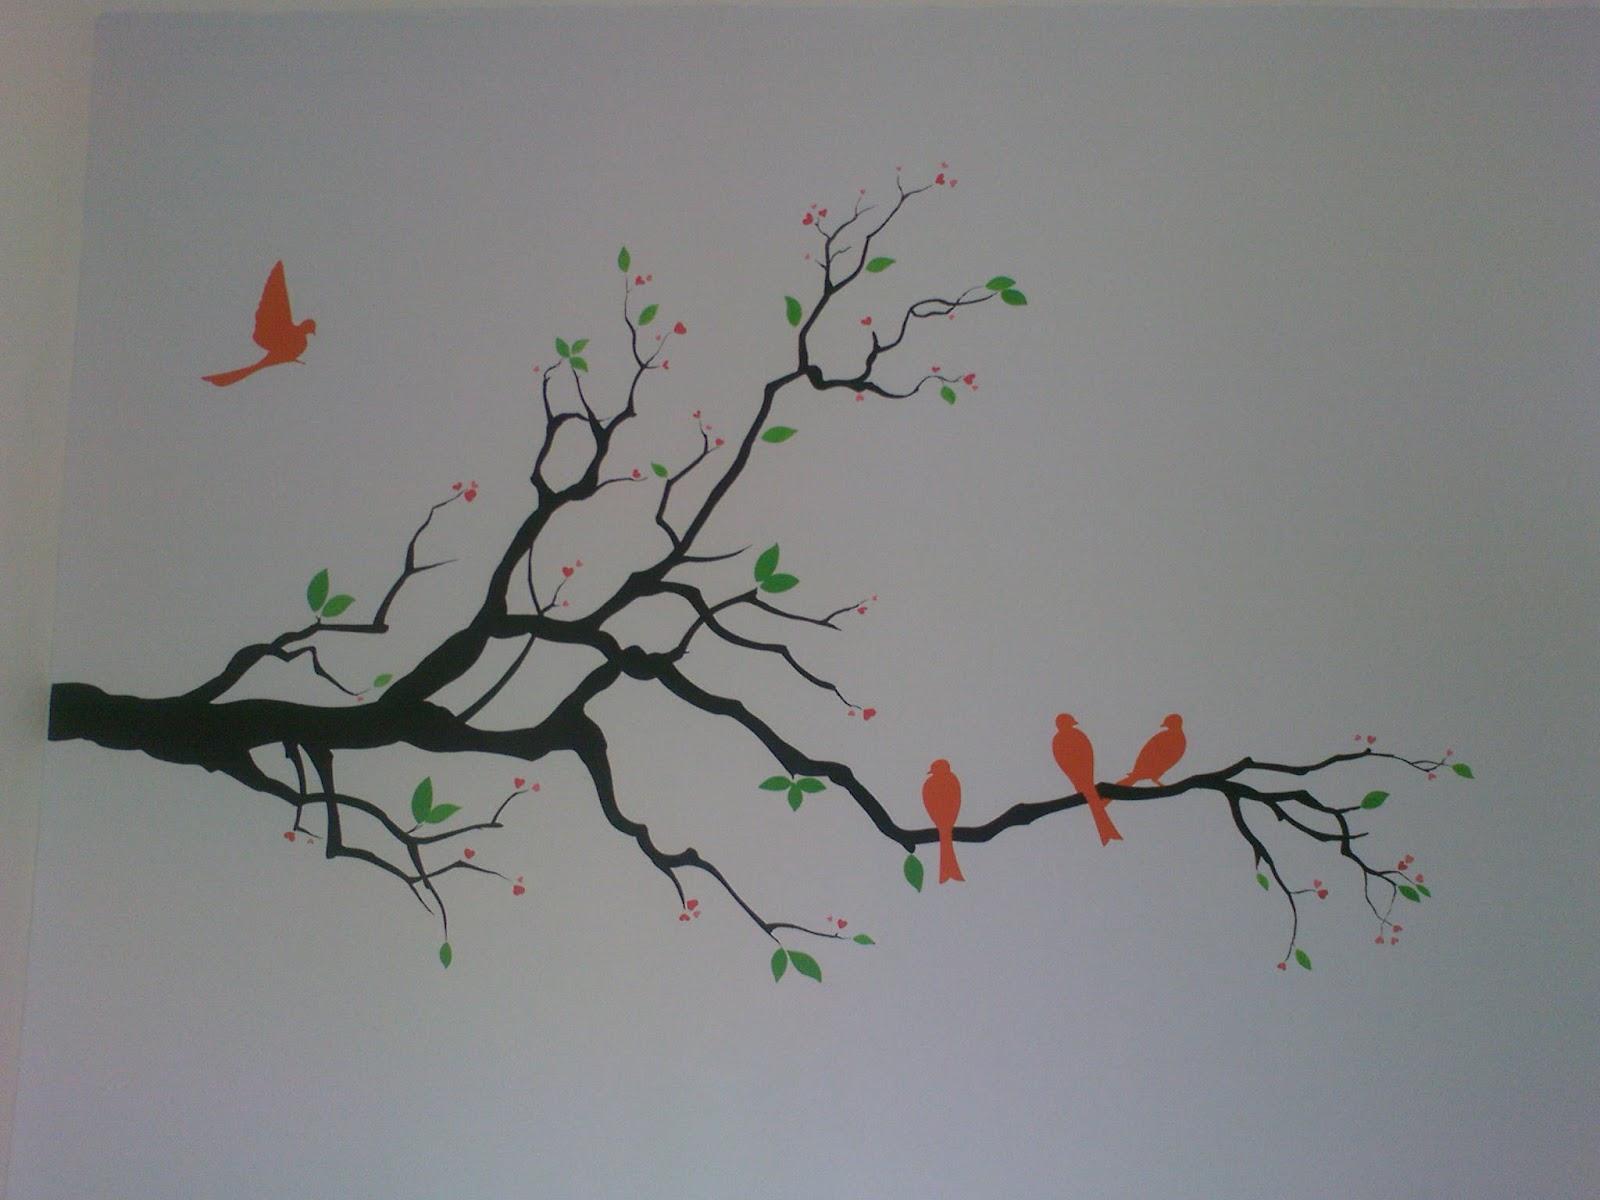 ارسم على الحائط بسهولة ودقة Easy Wall Painting